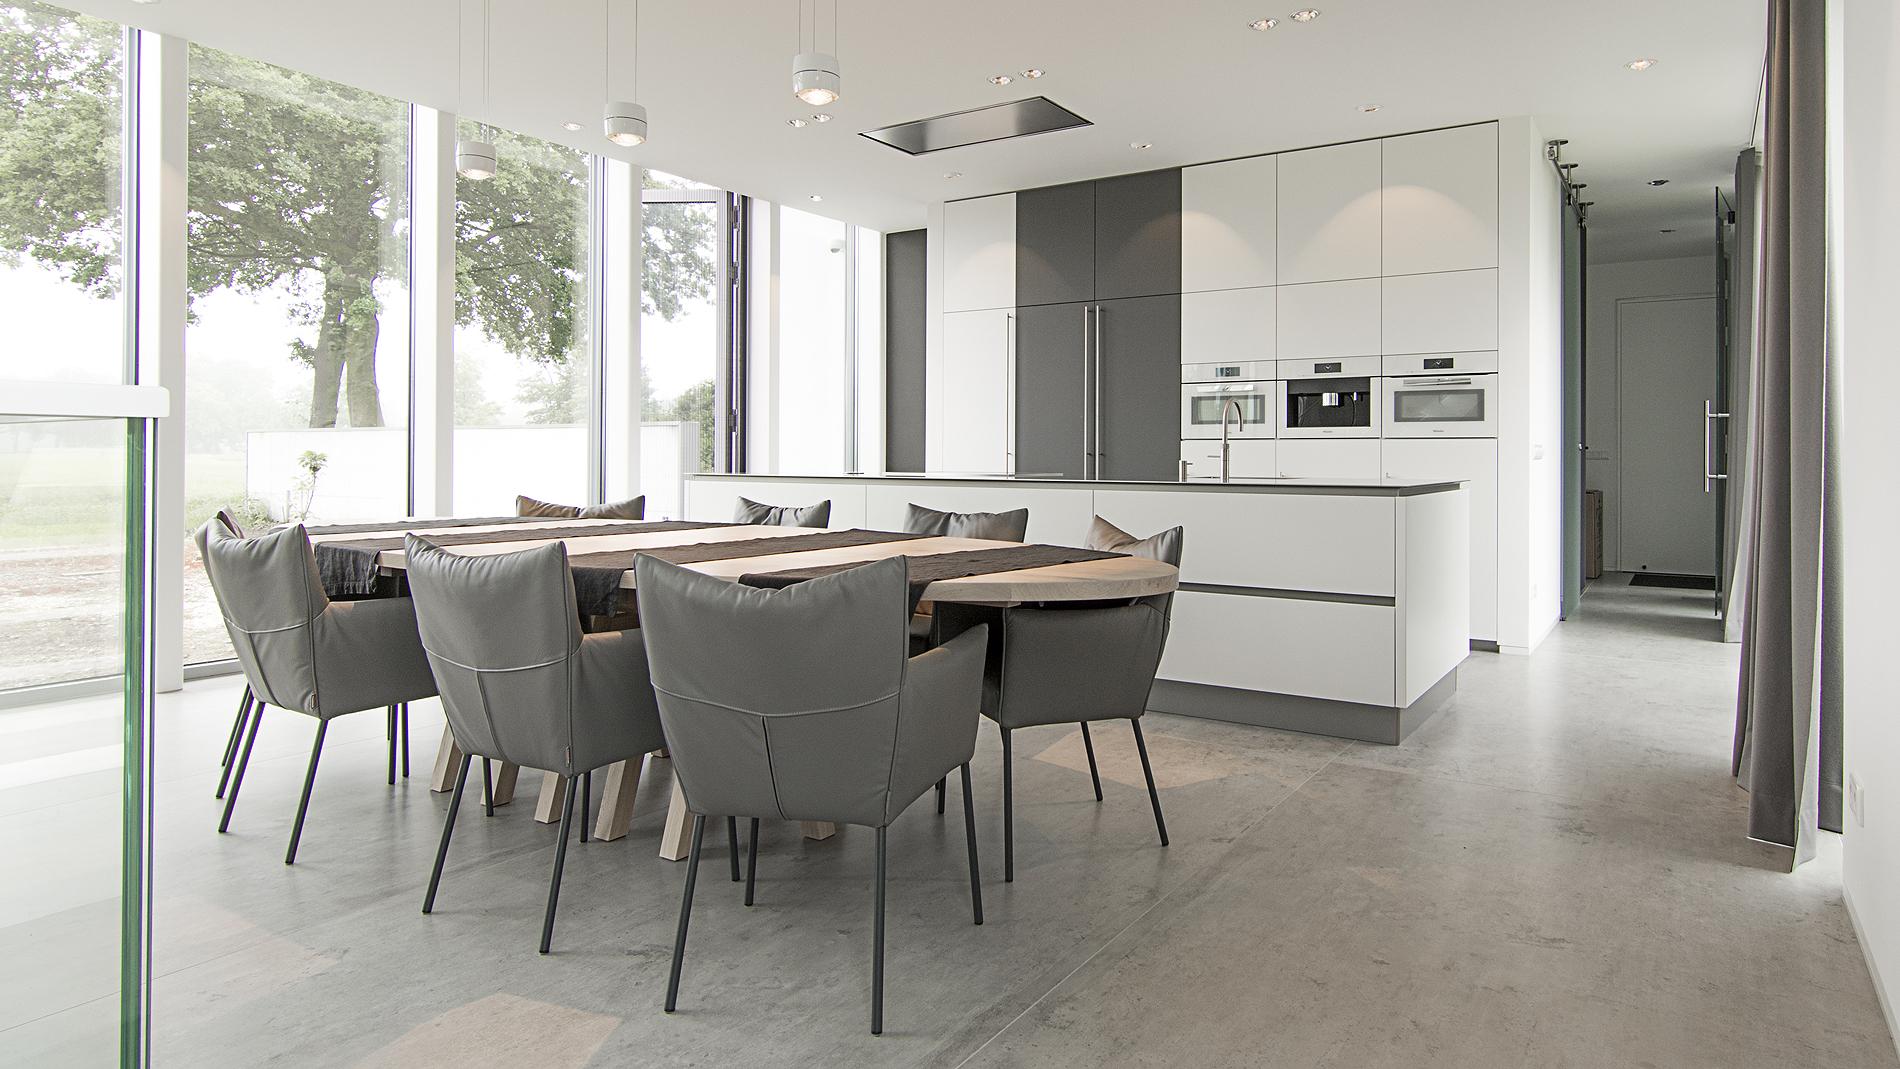 #5E577423659224 Maatwerk ASWA Keukens betrouwbaar Design Meubels Uden 2557 afbeelding opslaan 190010692557 Idee